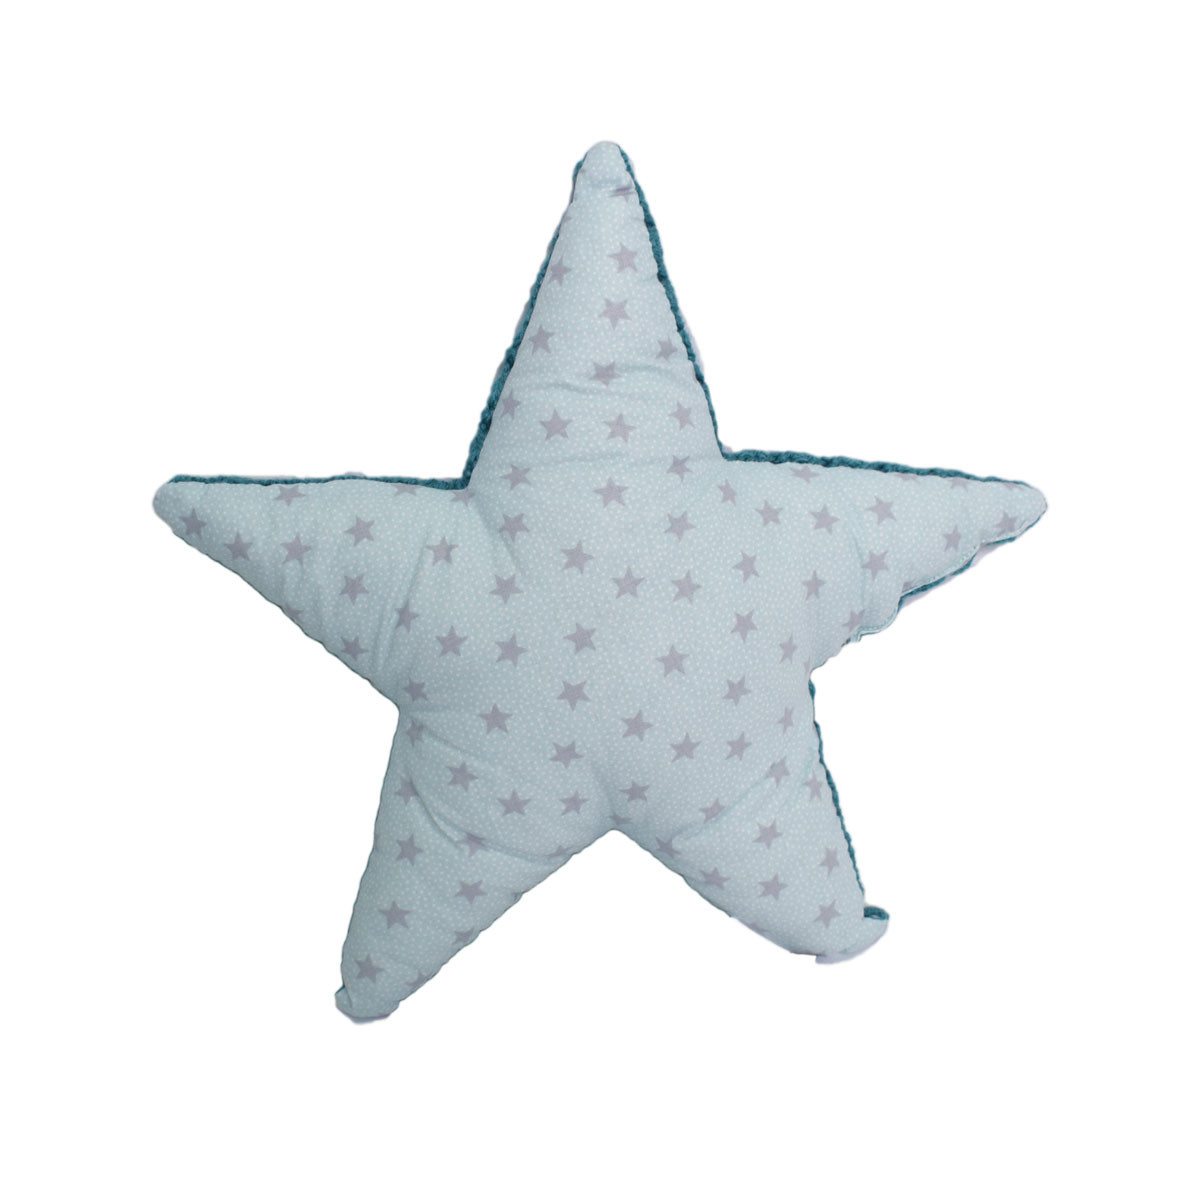 Διακοσμητικό Μαξιλάρι Cigit Star Knitted Blue